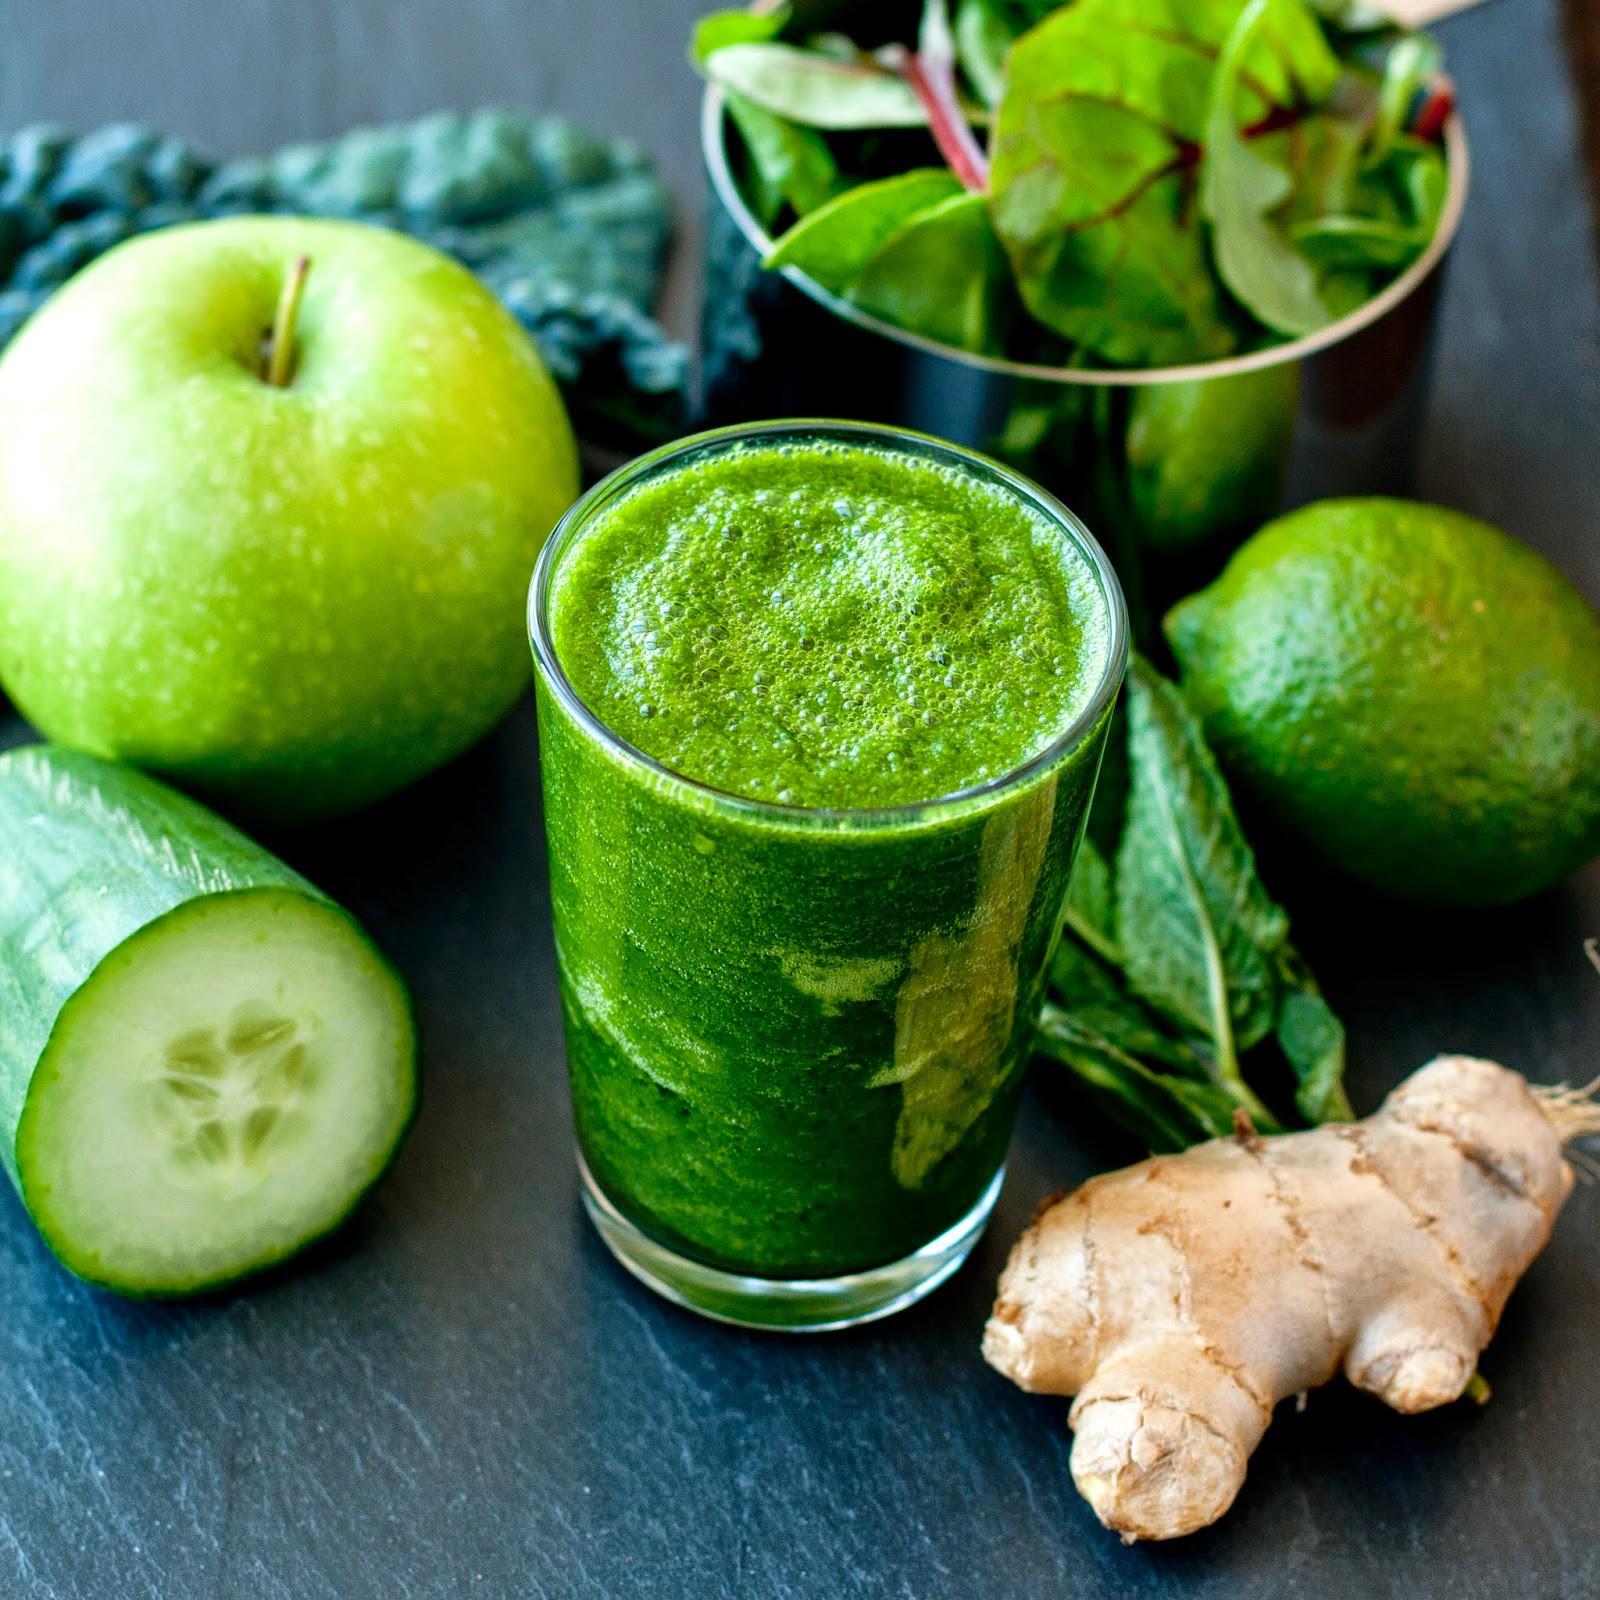 Ăn kiêng chưa bao giờ dễ đến thế nhờ những cách kết hợp thực phẩm giúp giảm cân cực nhanh này - Ảnh 2